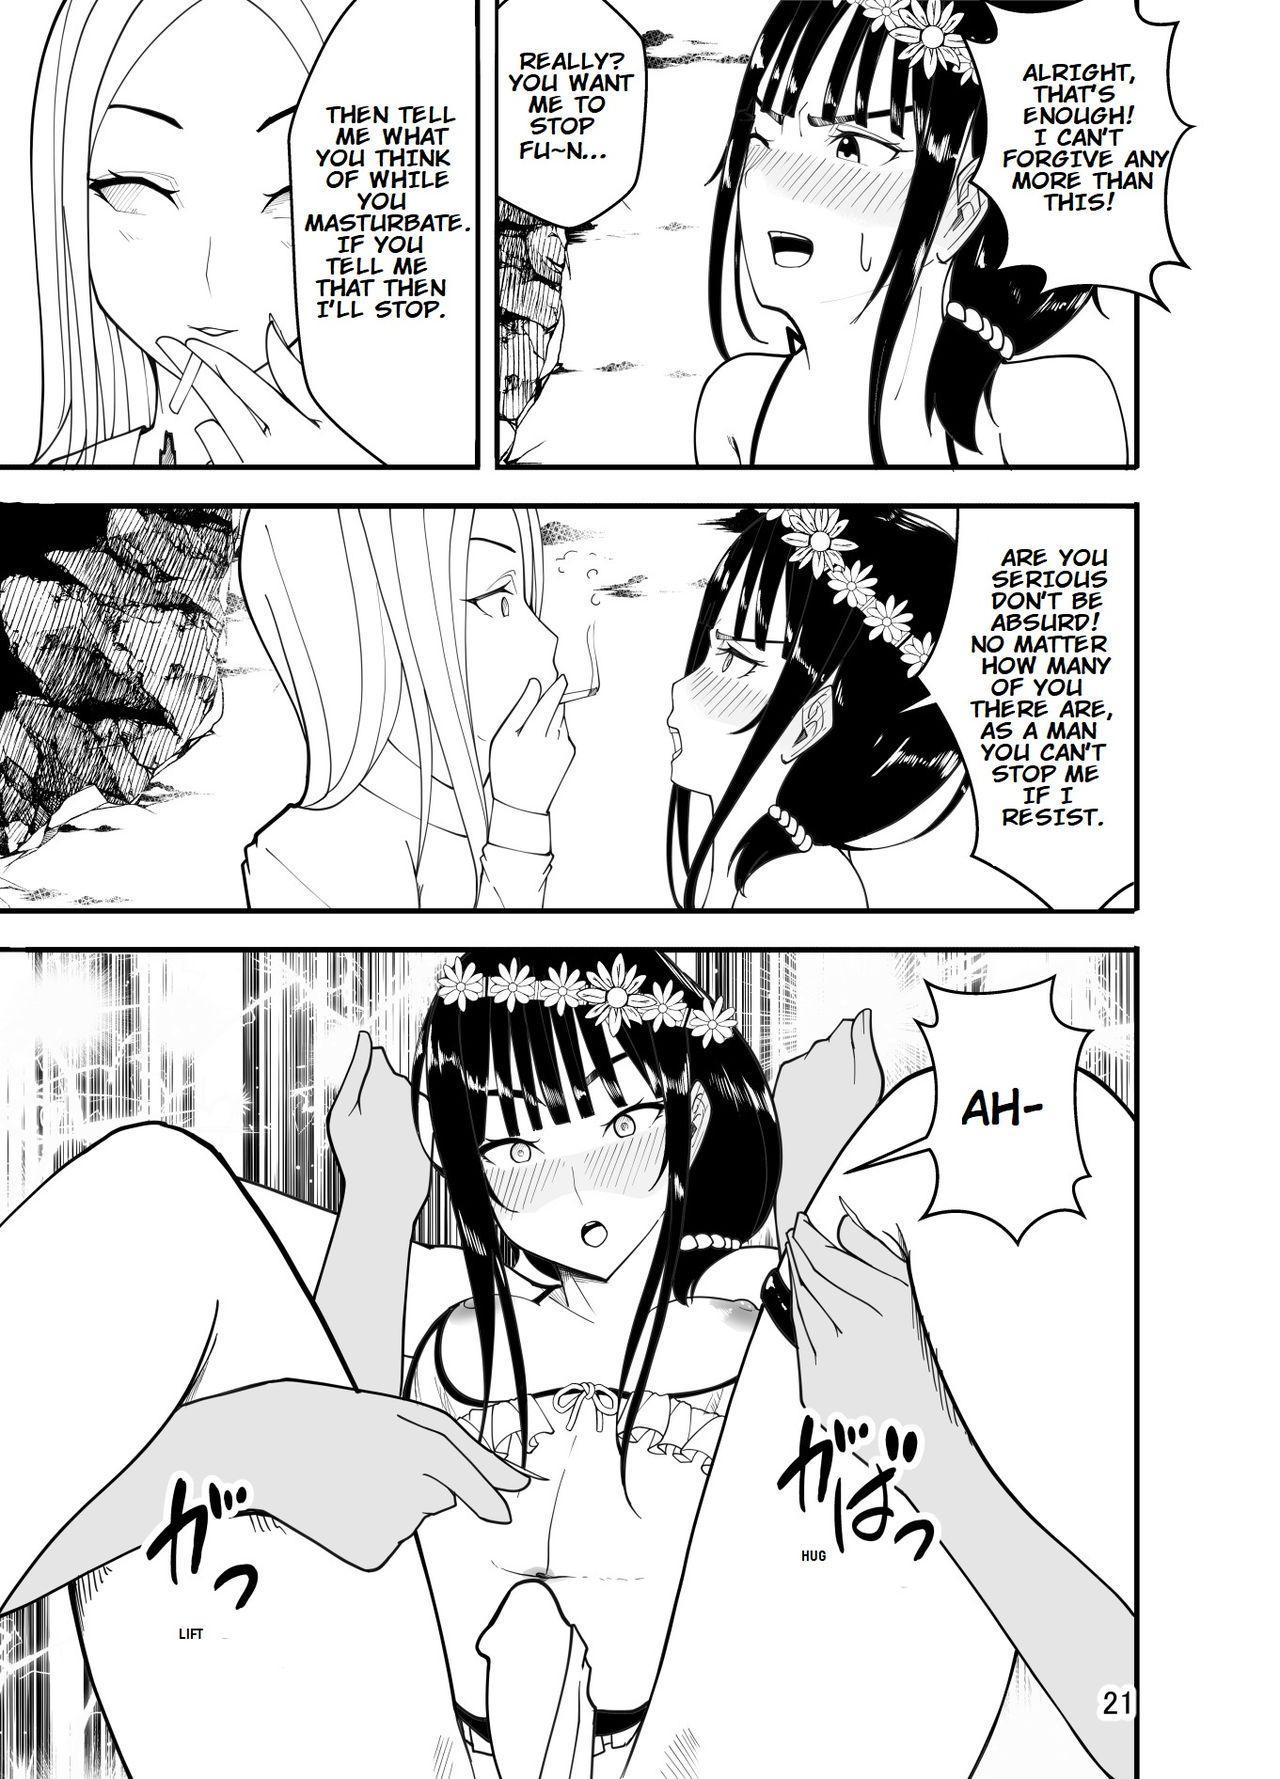 Mizugi de Josou!? Sensei Ijiri!! | Mizuki the Crossdresser! Let's Mess Around with the Teacher!! 21